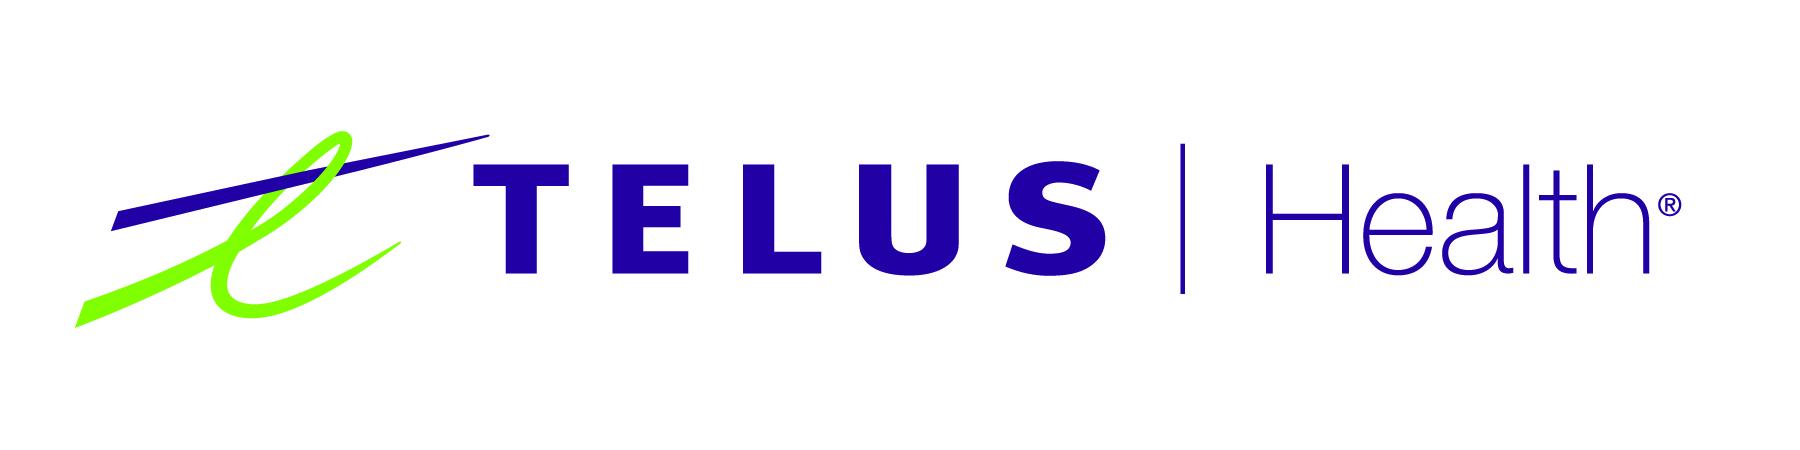 TELUS Health - Platinum Sponsor